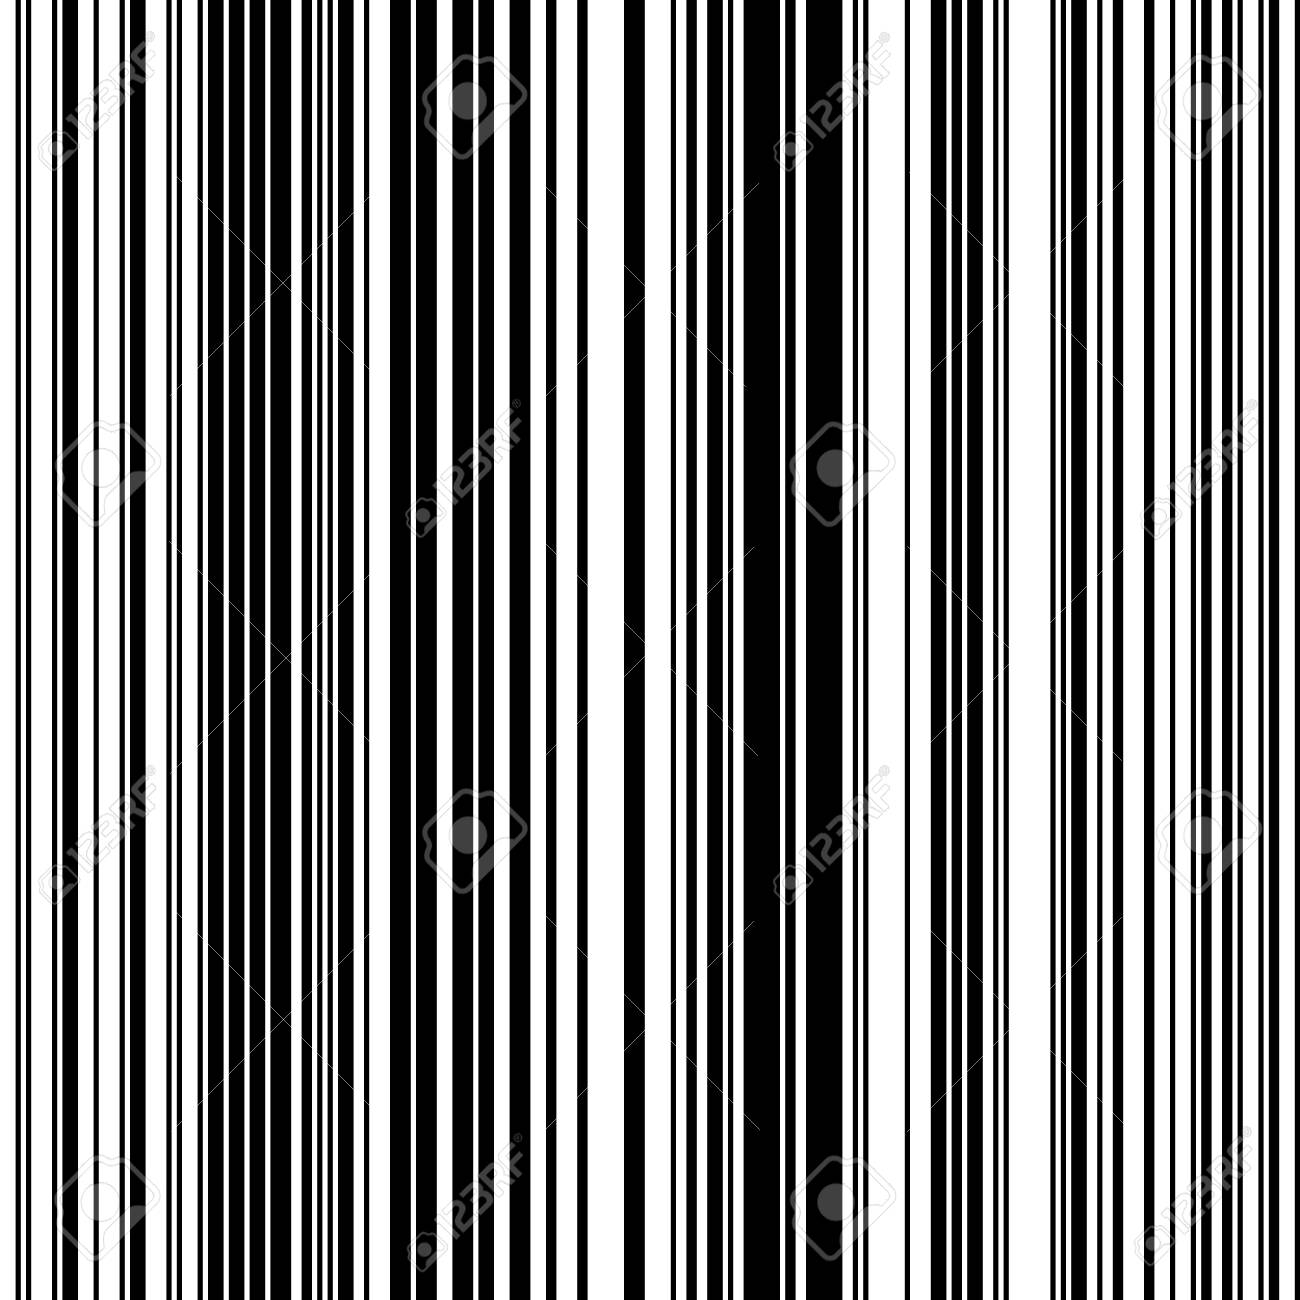 黒し、白がまっすぐ垂直可変幅ストライプ、白黒ライン パターン ...